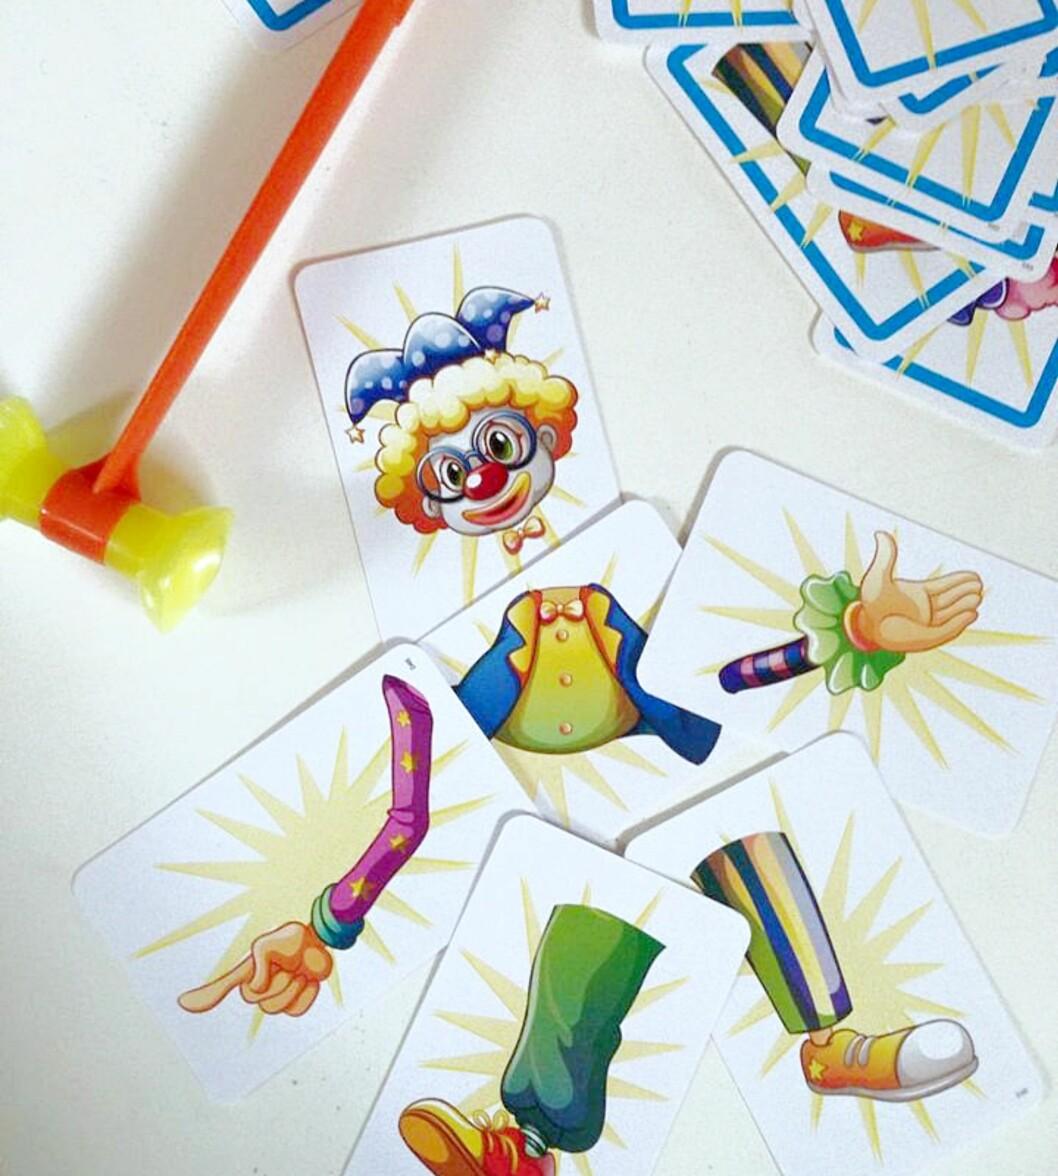 SAMLE KORTENE MED HAMMEREN: Den første som klarer å skaffe nok kort til en klovn har vunnet. Foto: Privat